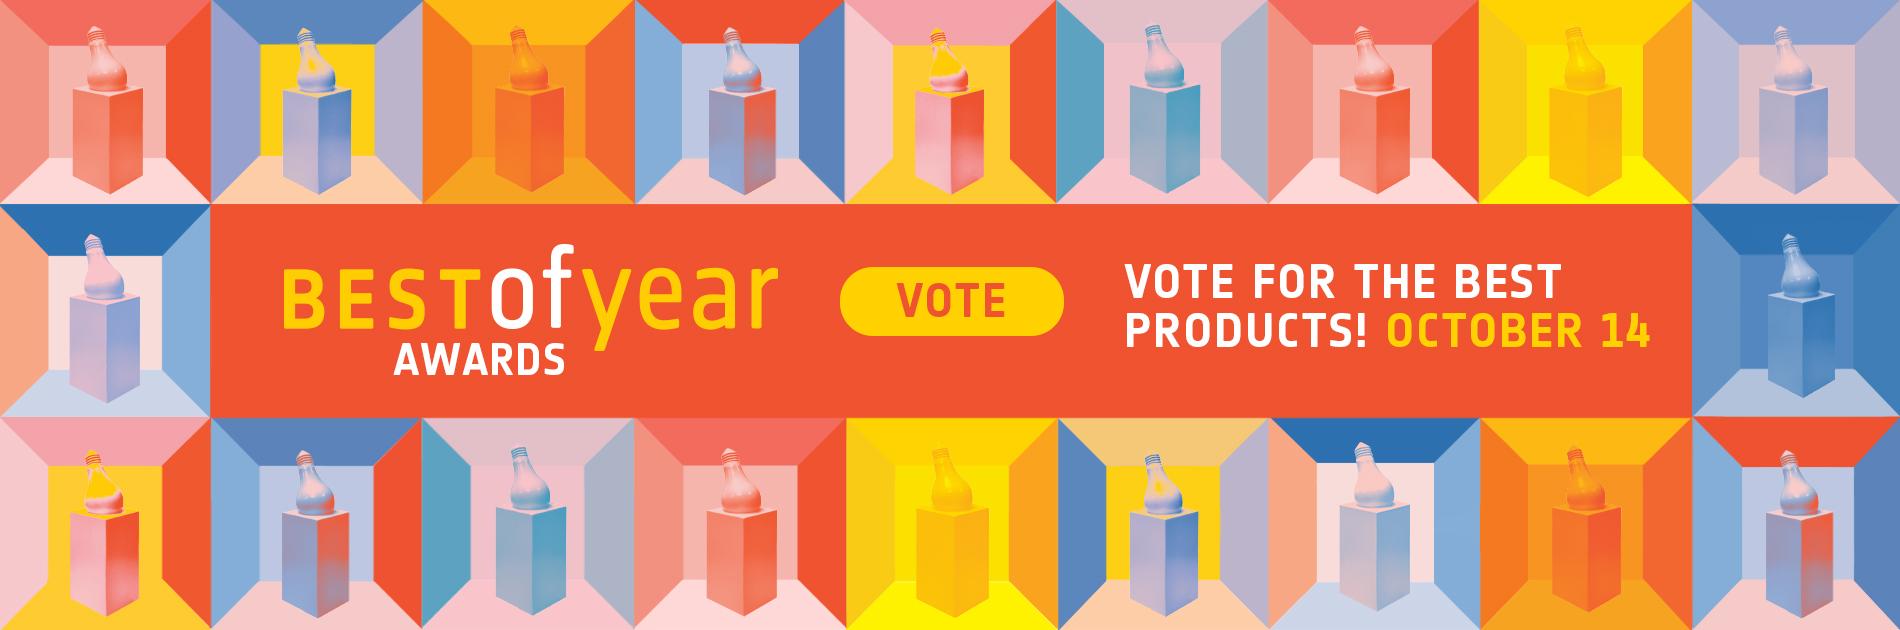 interior design magazine best of year awards